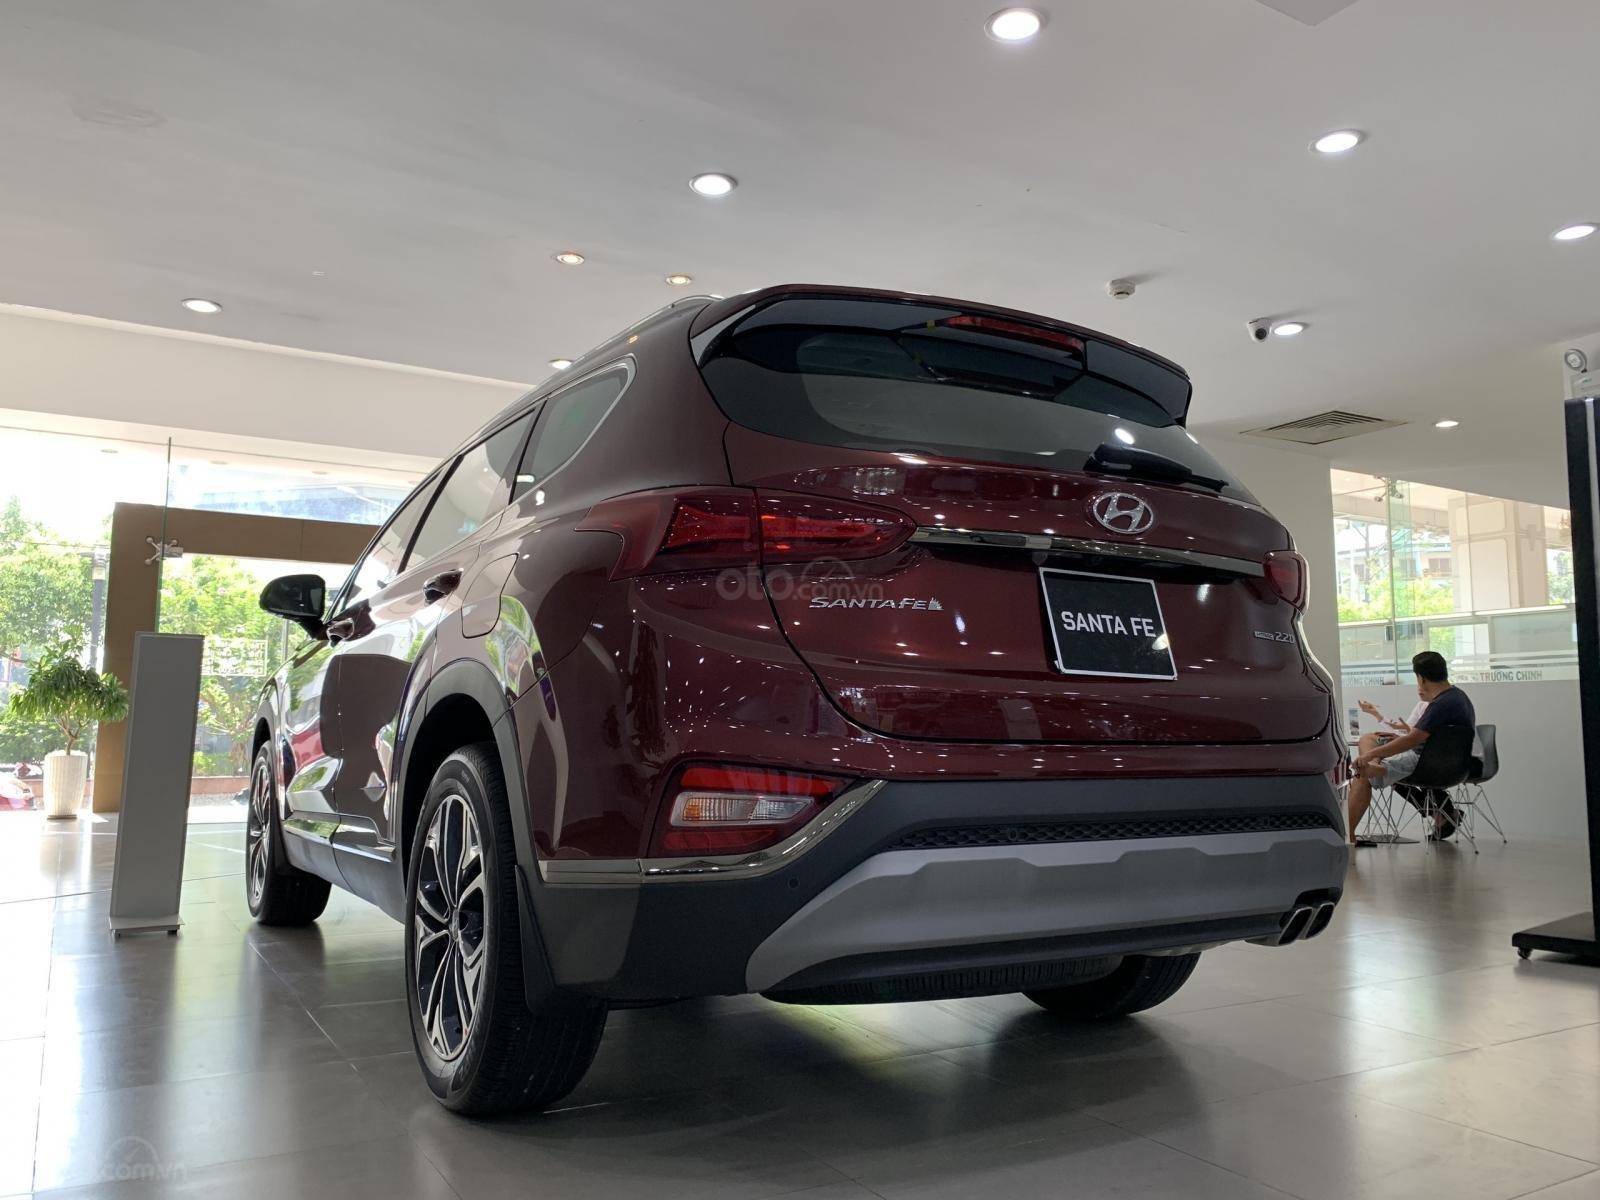 Hyundai Santafe bản đặc biệt nhiều ưu đãi hấp dẫn, khuyến mãi ngập tràn (6)